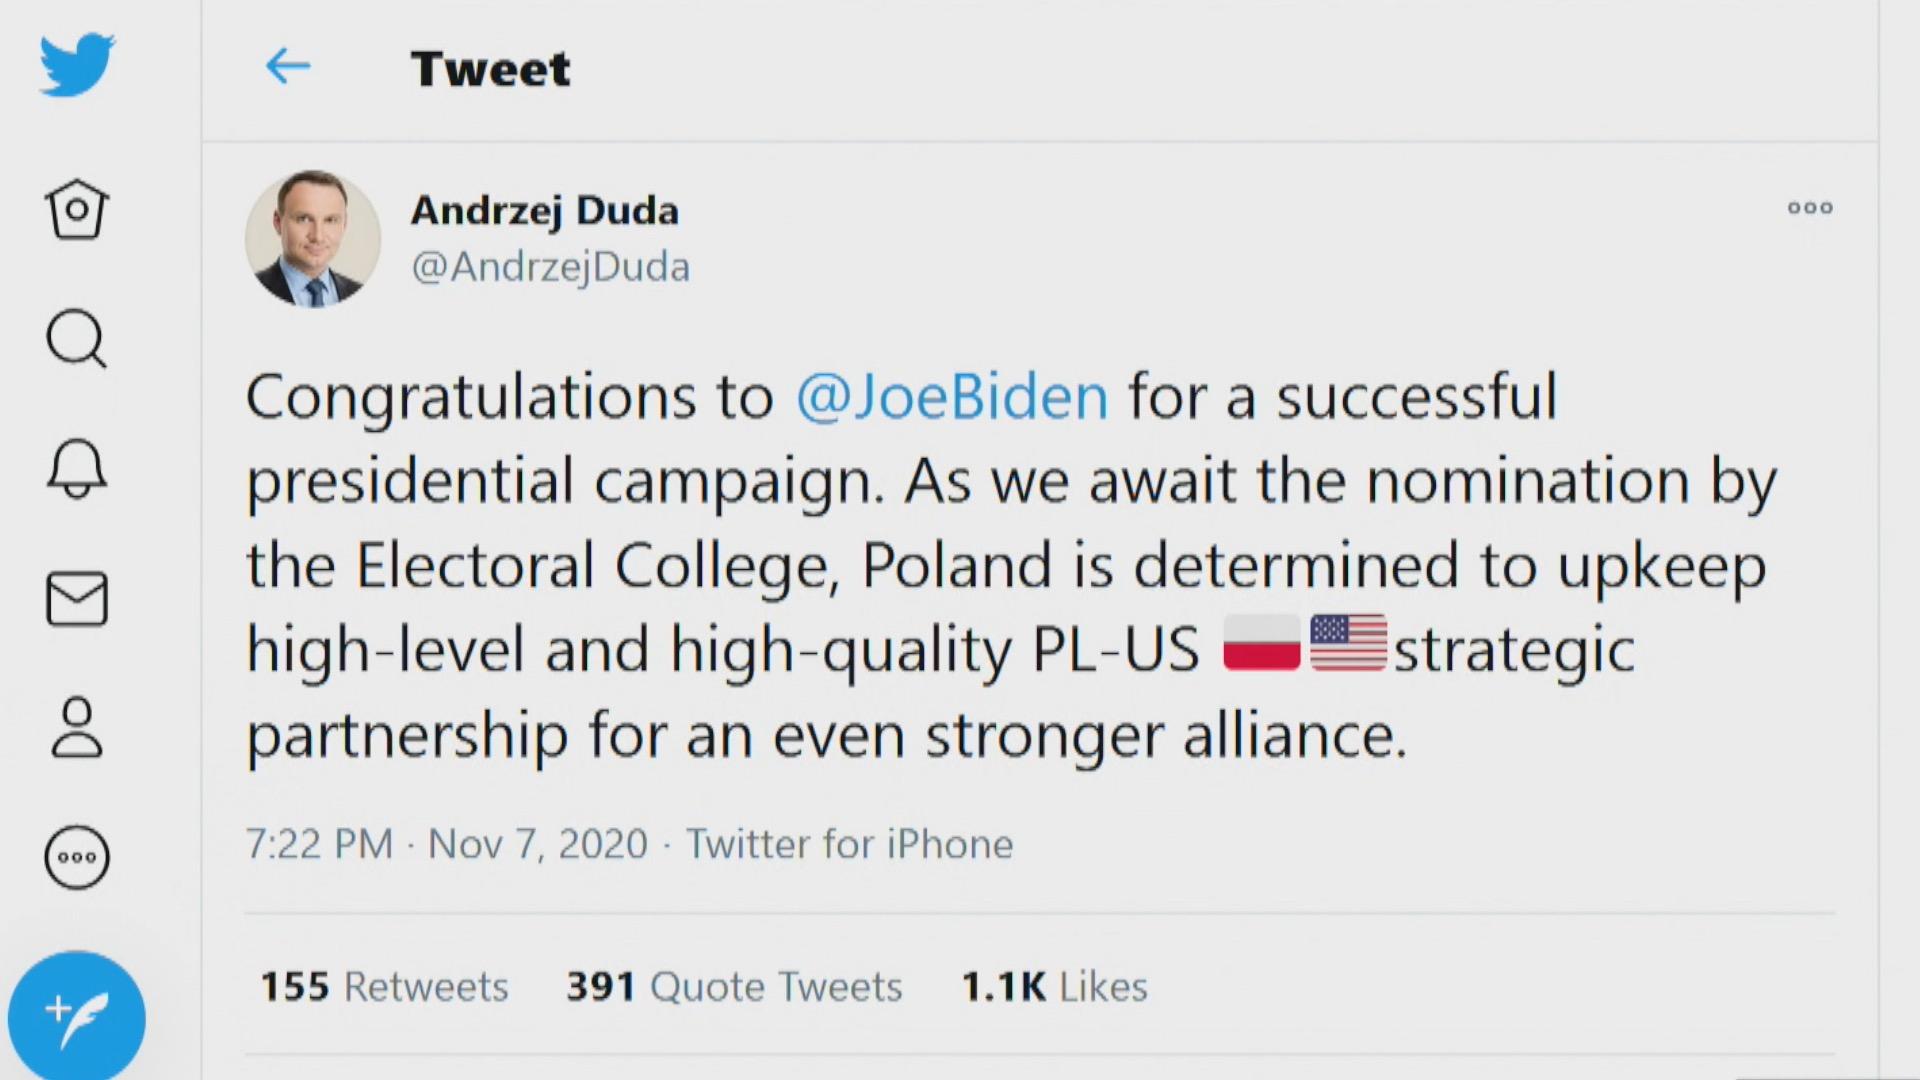 Wybory w USA. Joe Biden wygrał według mediów. Andrzej Duda i inni przywódcy  składają gratulacje - TVN24